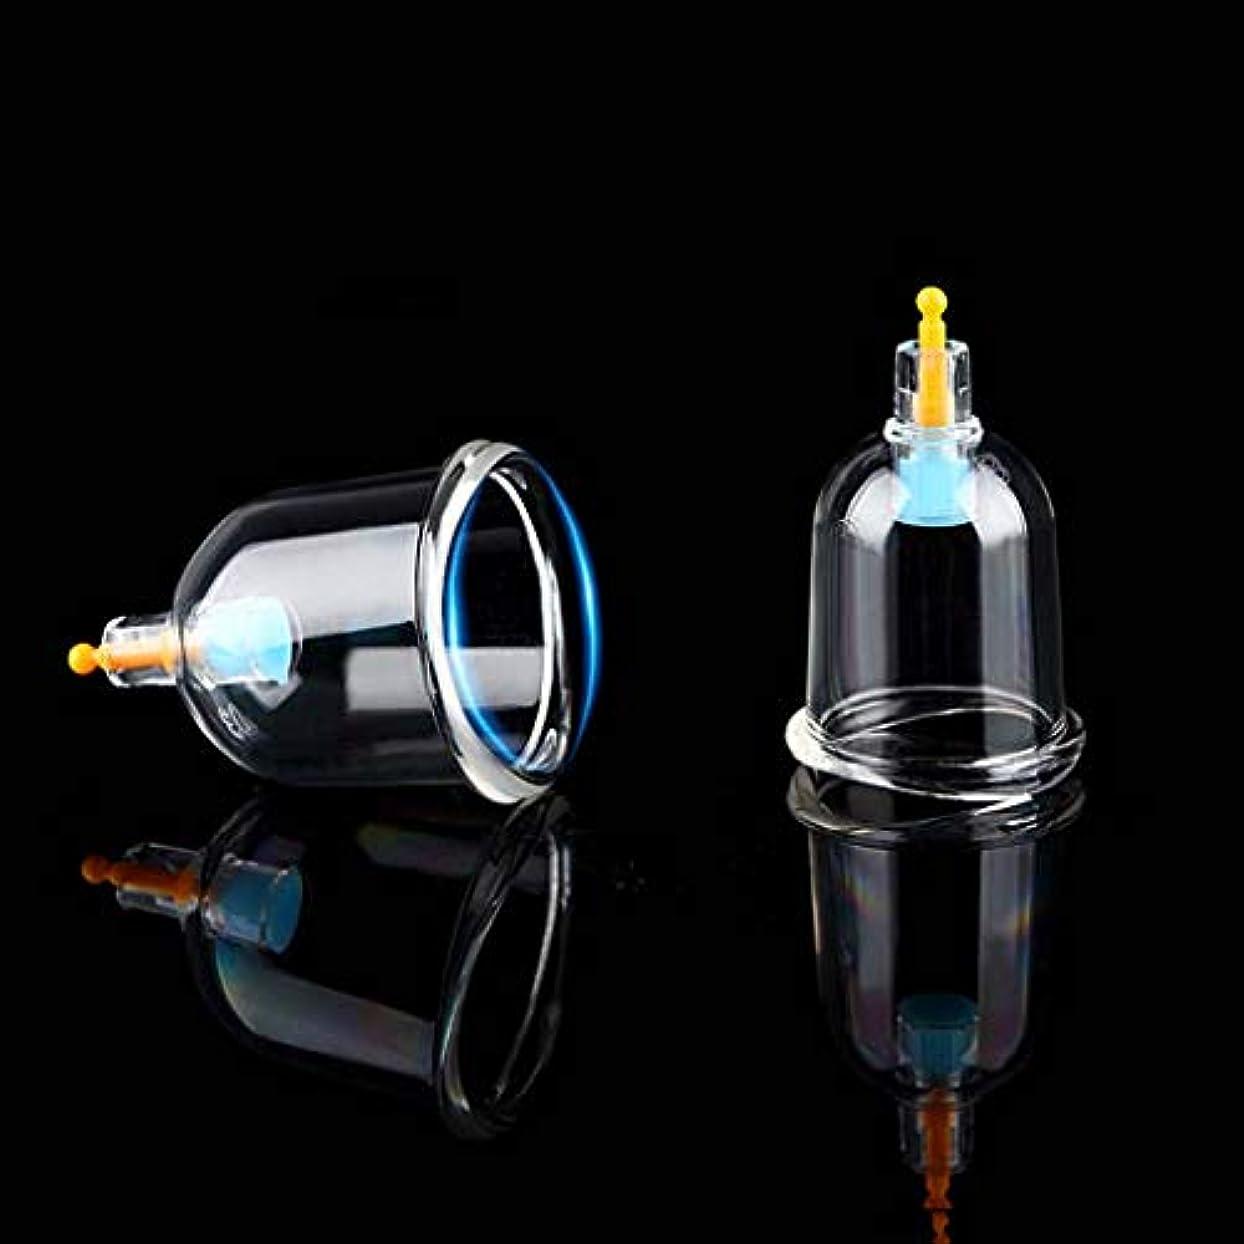 アシスタント長くするトムオードリースセットカッピング、プロフェッショナル中国のツボカッピングセラピーは真空ポンプ磁気セルライトカッピングマッサージキット-12カップで吸引カッピングセットを設定します。